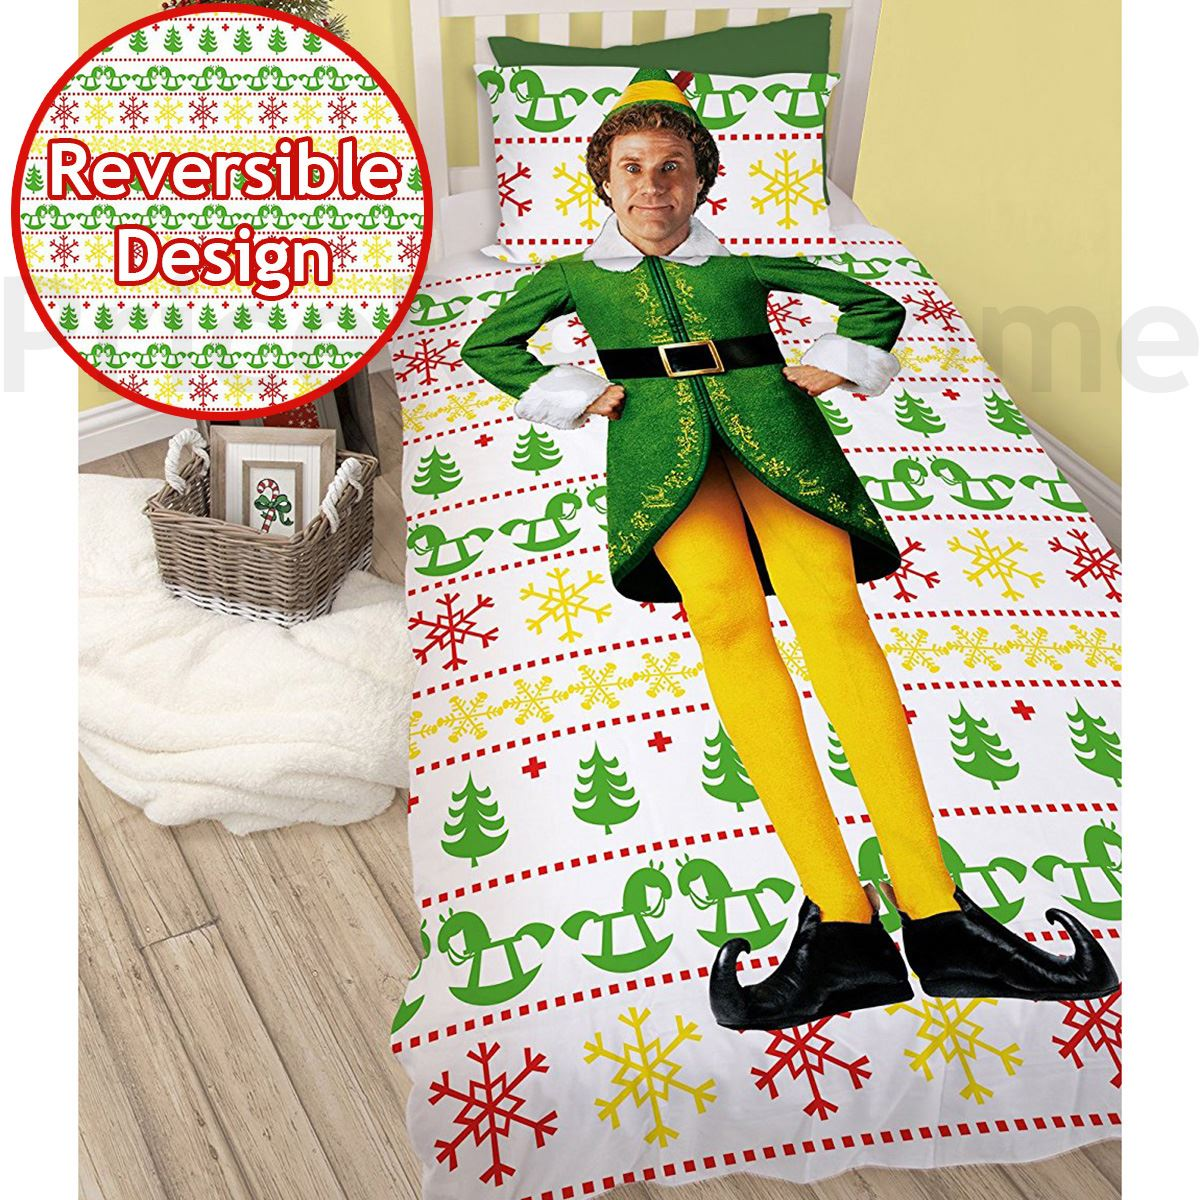 Indexbild 7 - Kinder Weihnachten Bettbezug Sets - Junior Einzel Doppel King - Elf Emoji Grinch